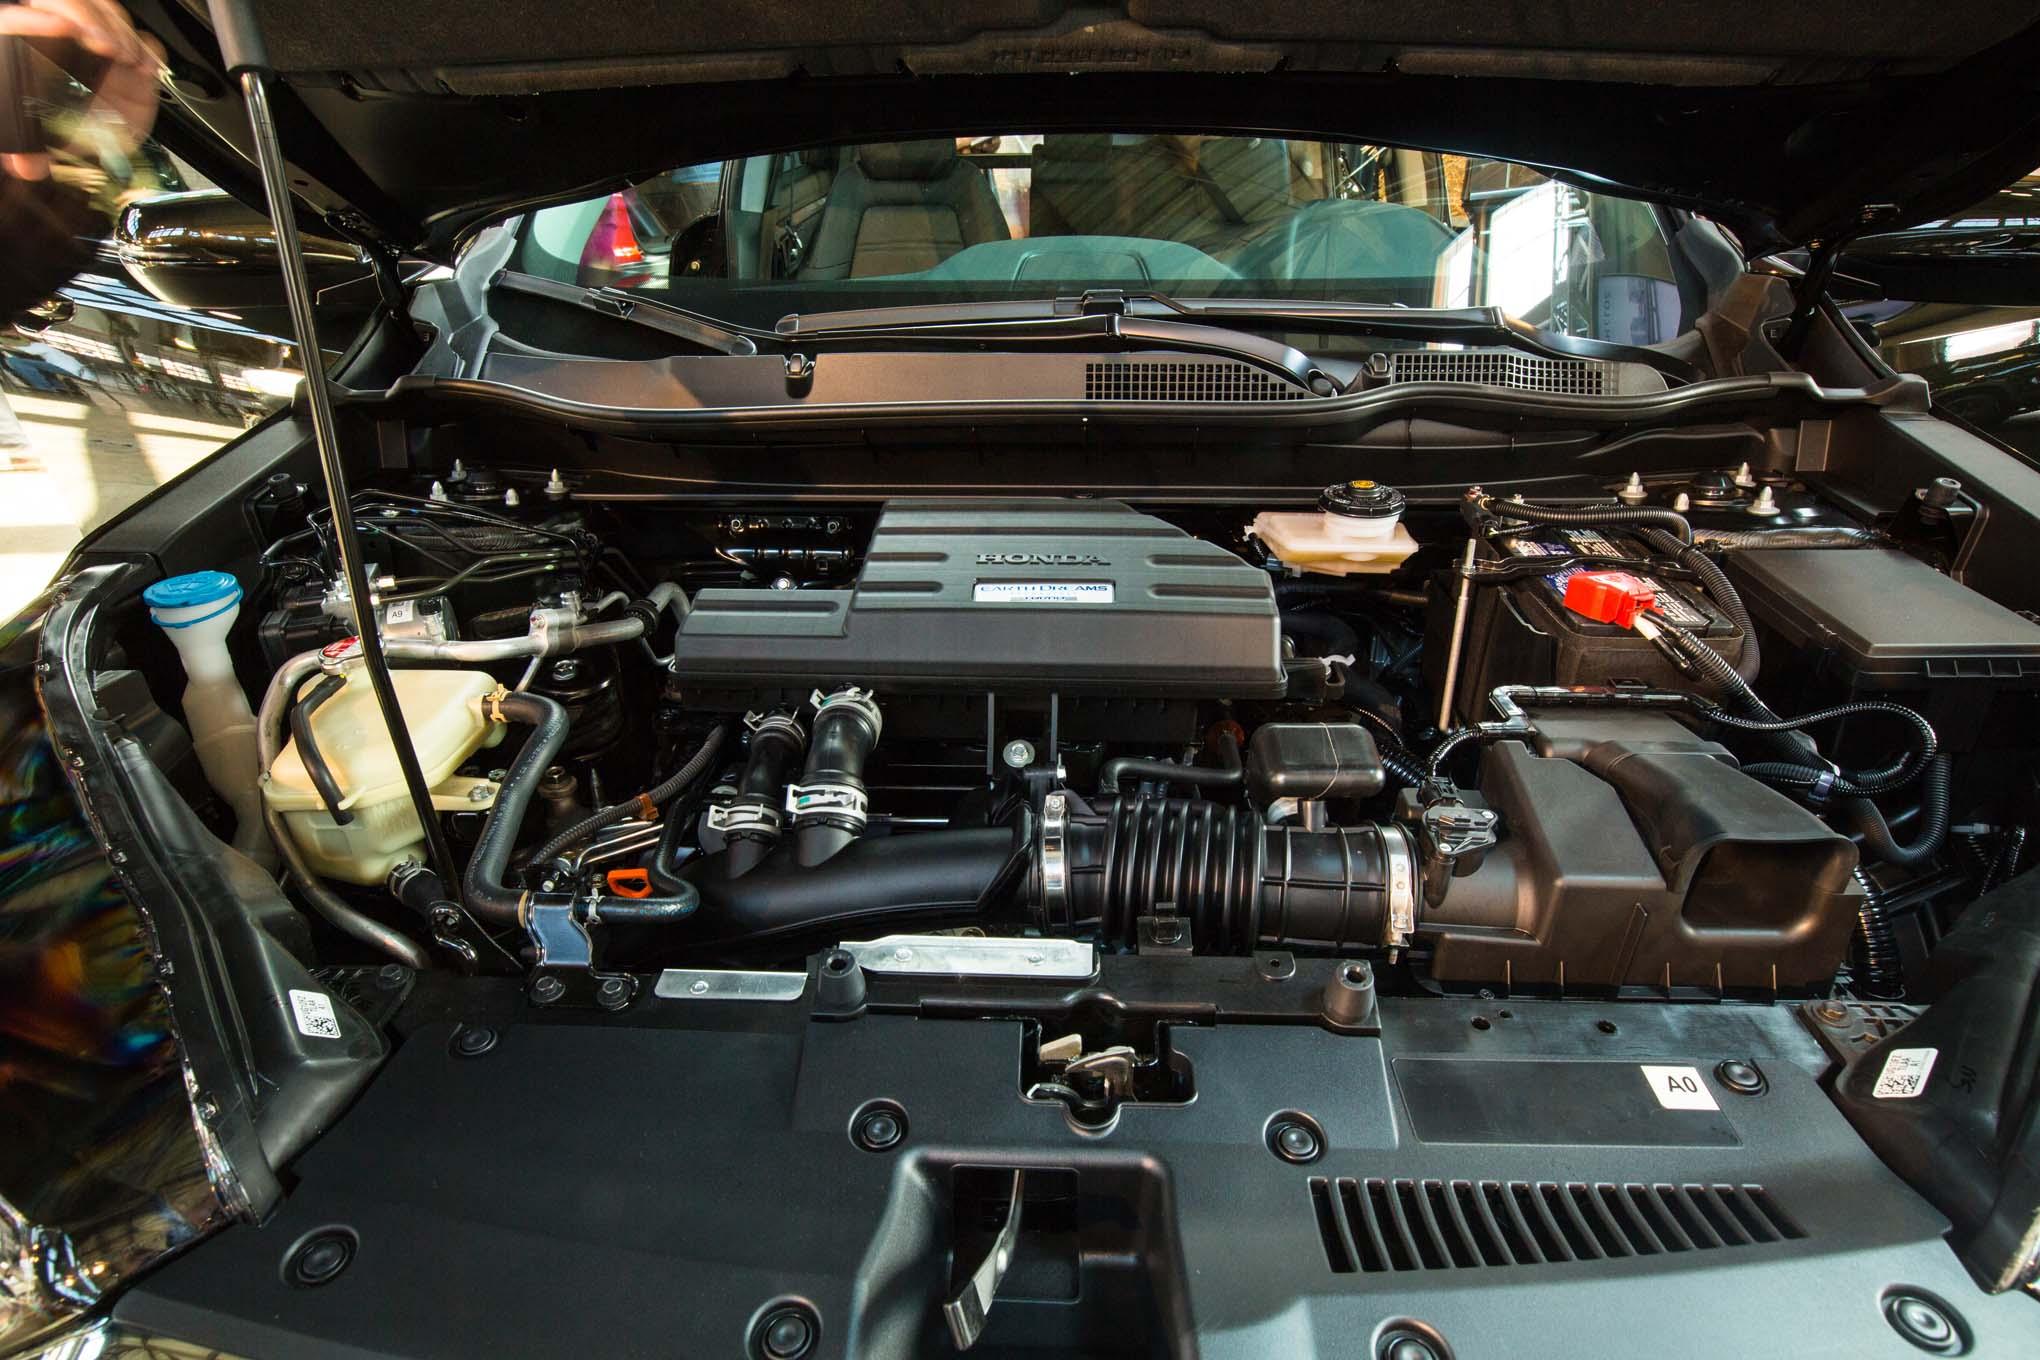 2017-Honda-CR-V-engine-02